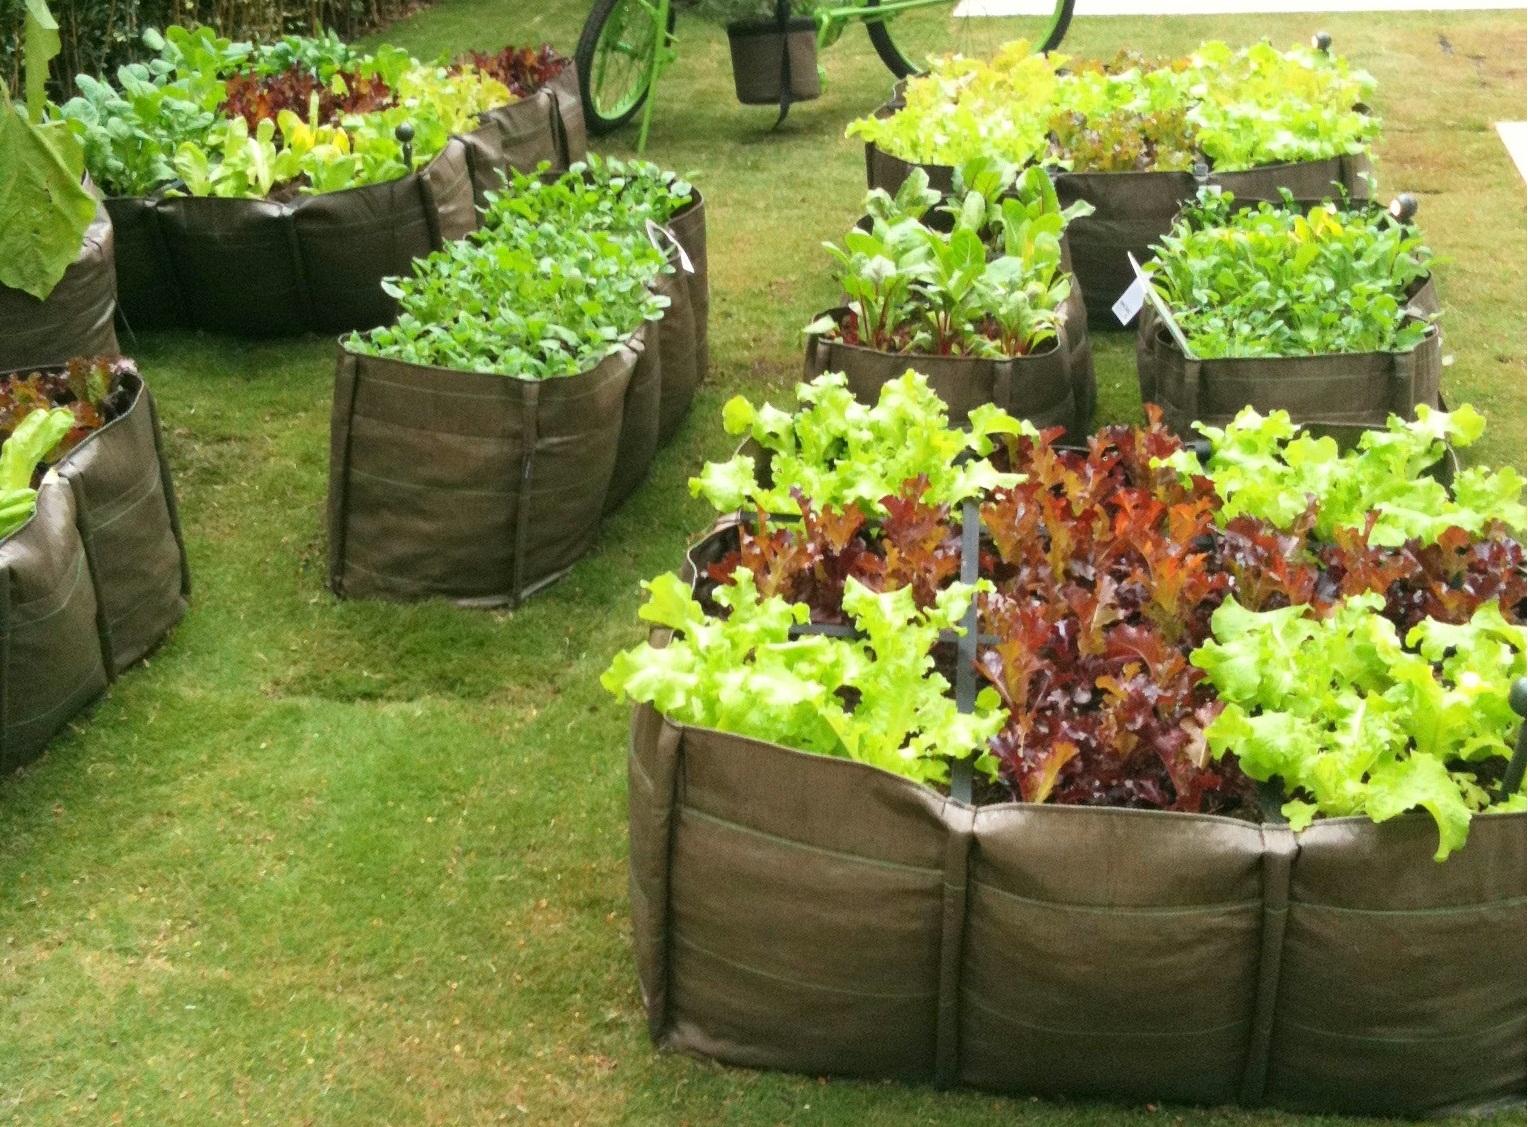 gustavo horta jardim : gustavo horta jardim:Hortas – Arte Vegetal Paisagismo – Projeto Paisagístico e